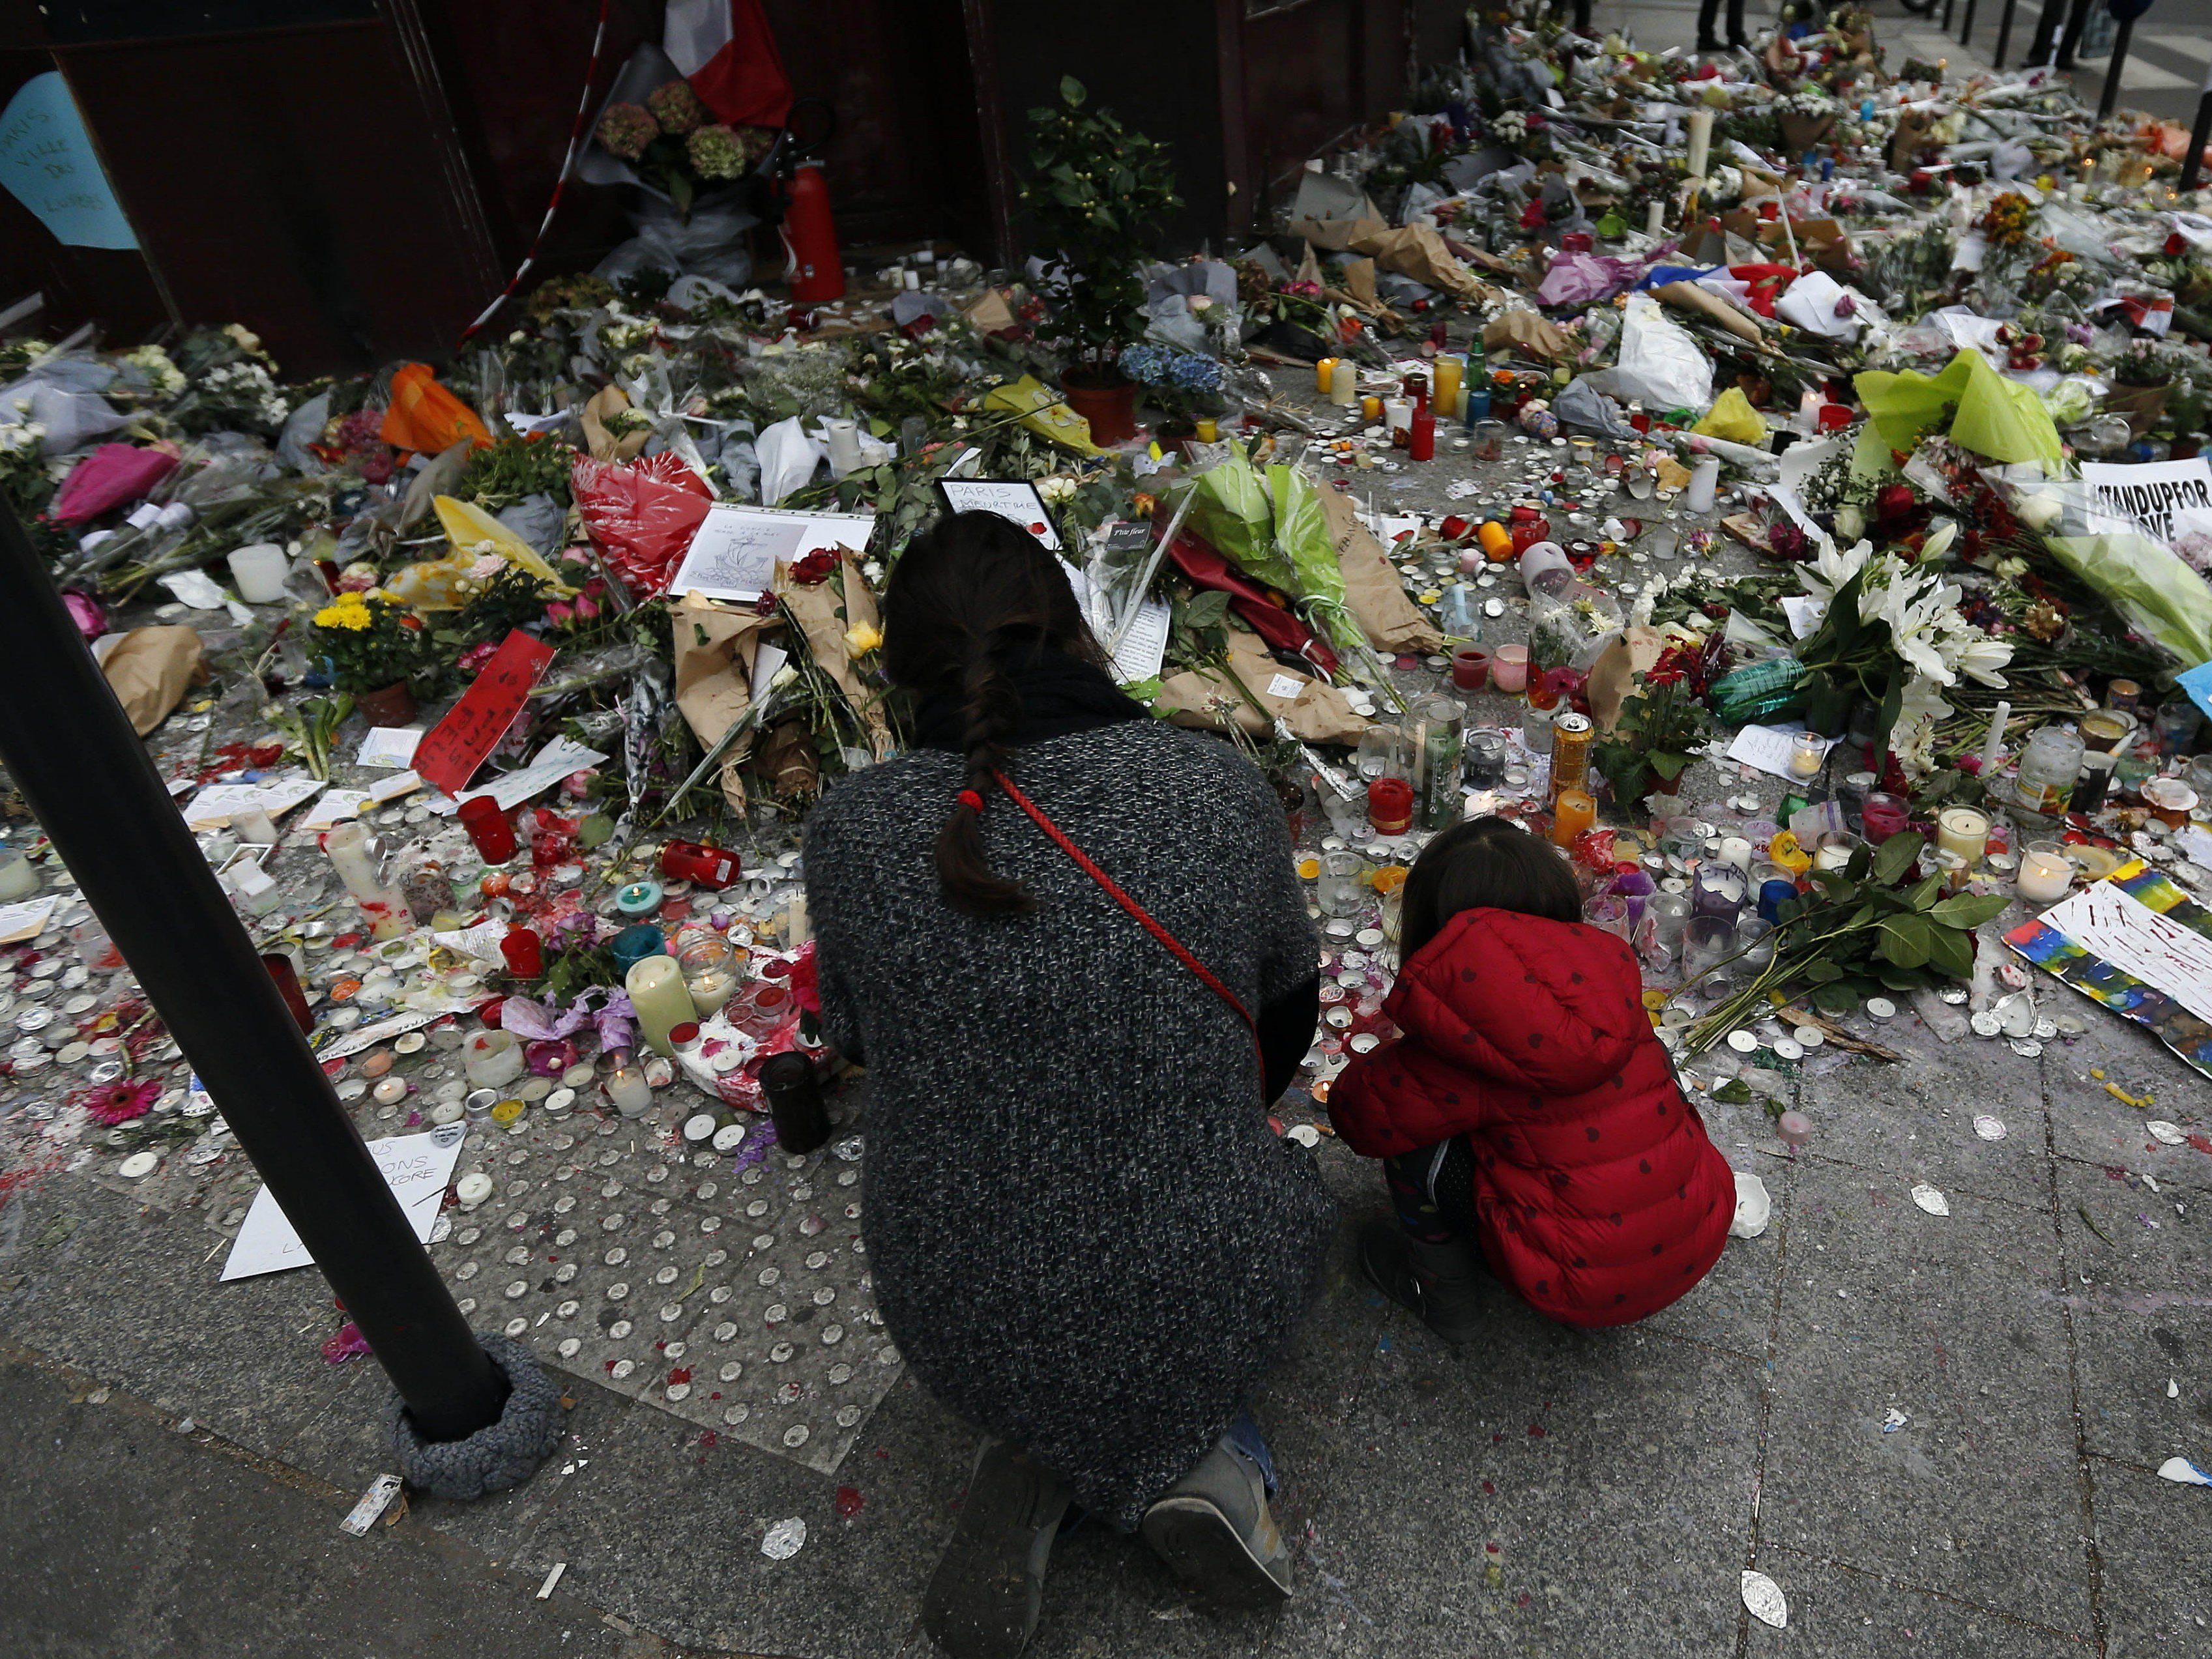 Die Entwicklungen nach den Terroranschlägen in Paris im VIENNA.at-Liveticker